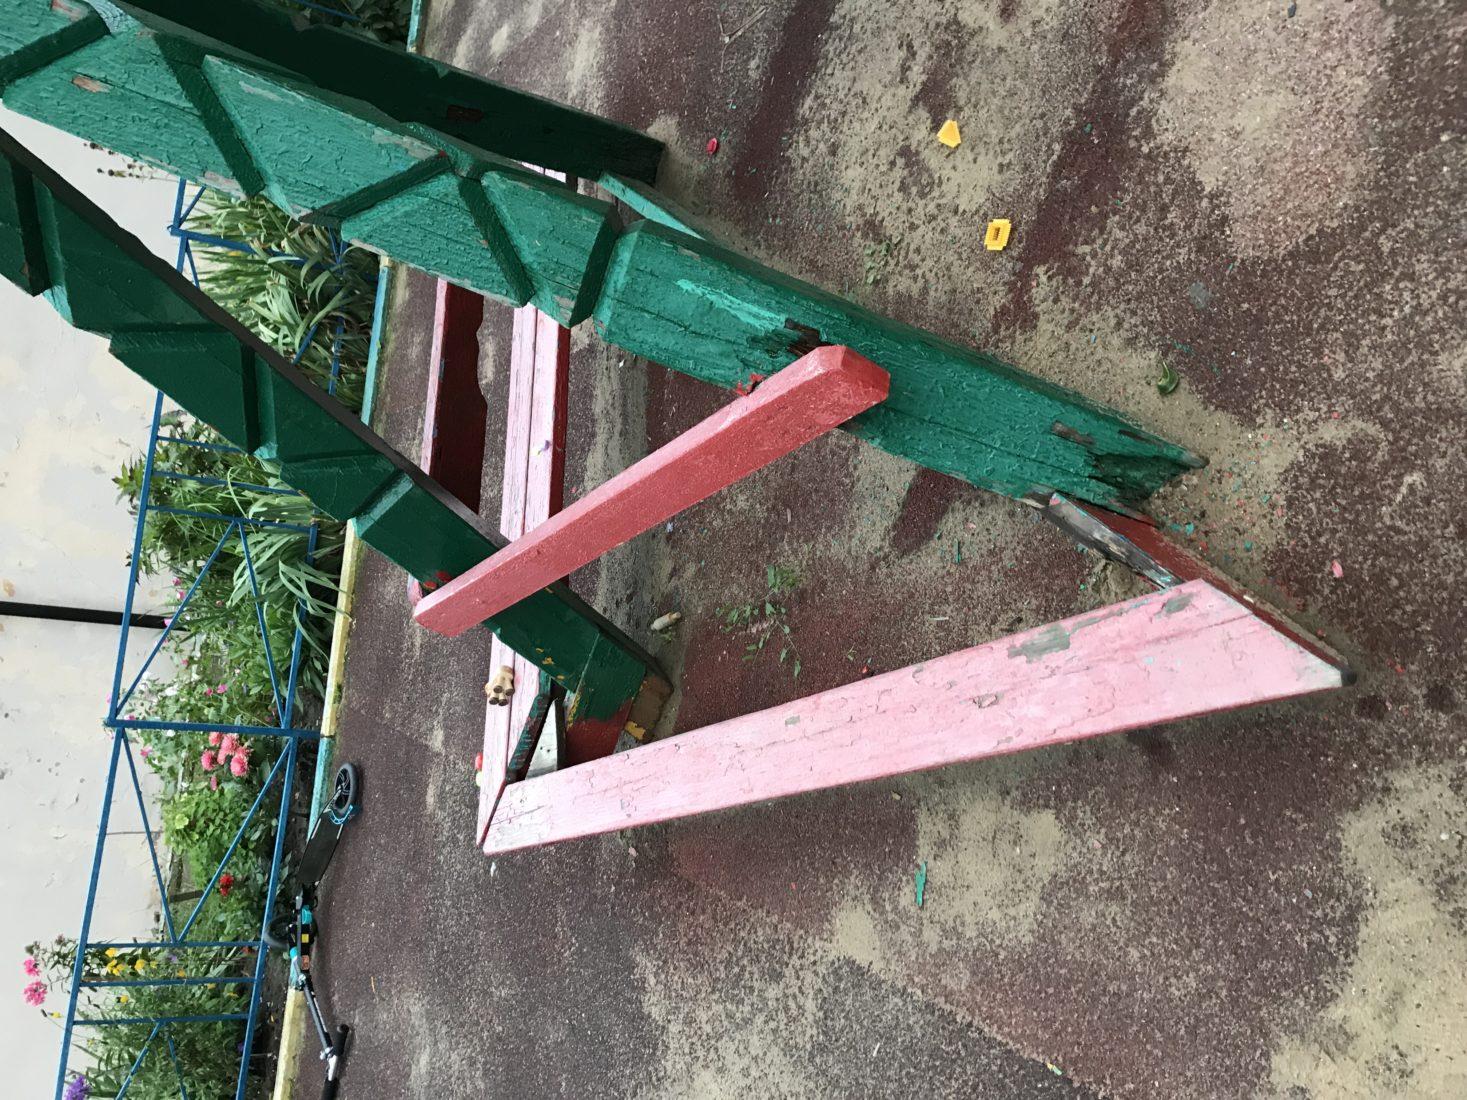 Необходима замена детской площадки в Москве